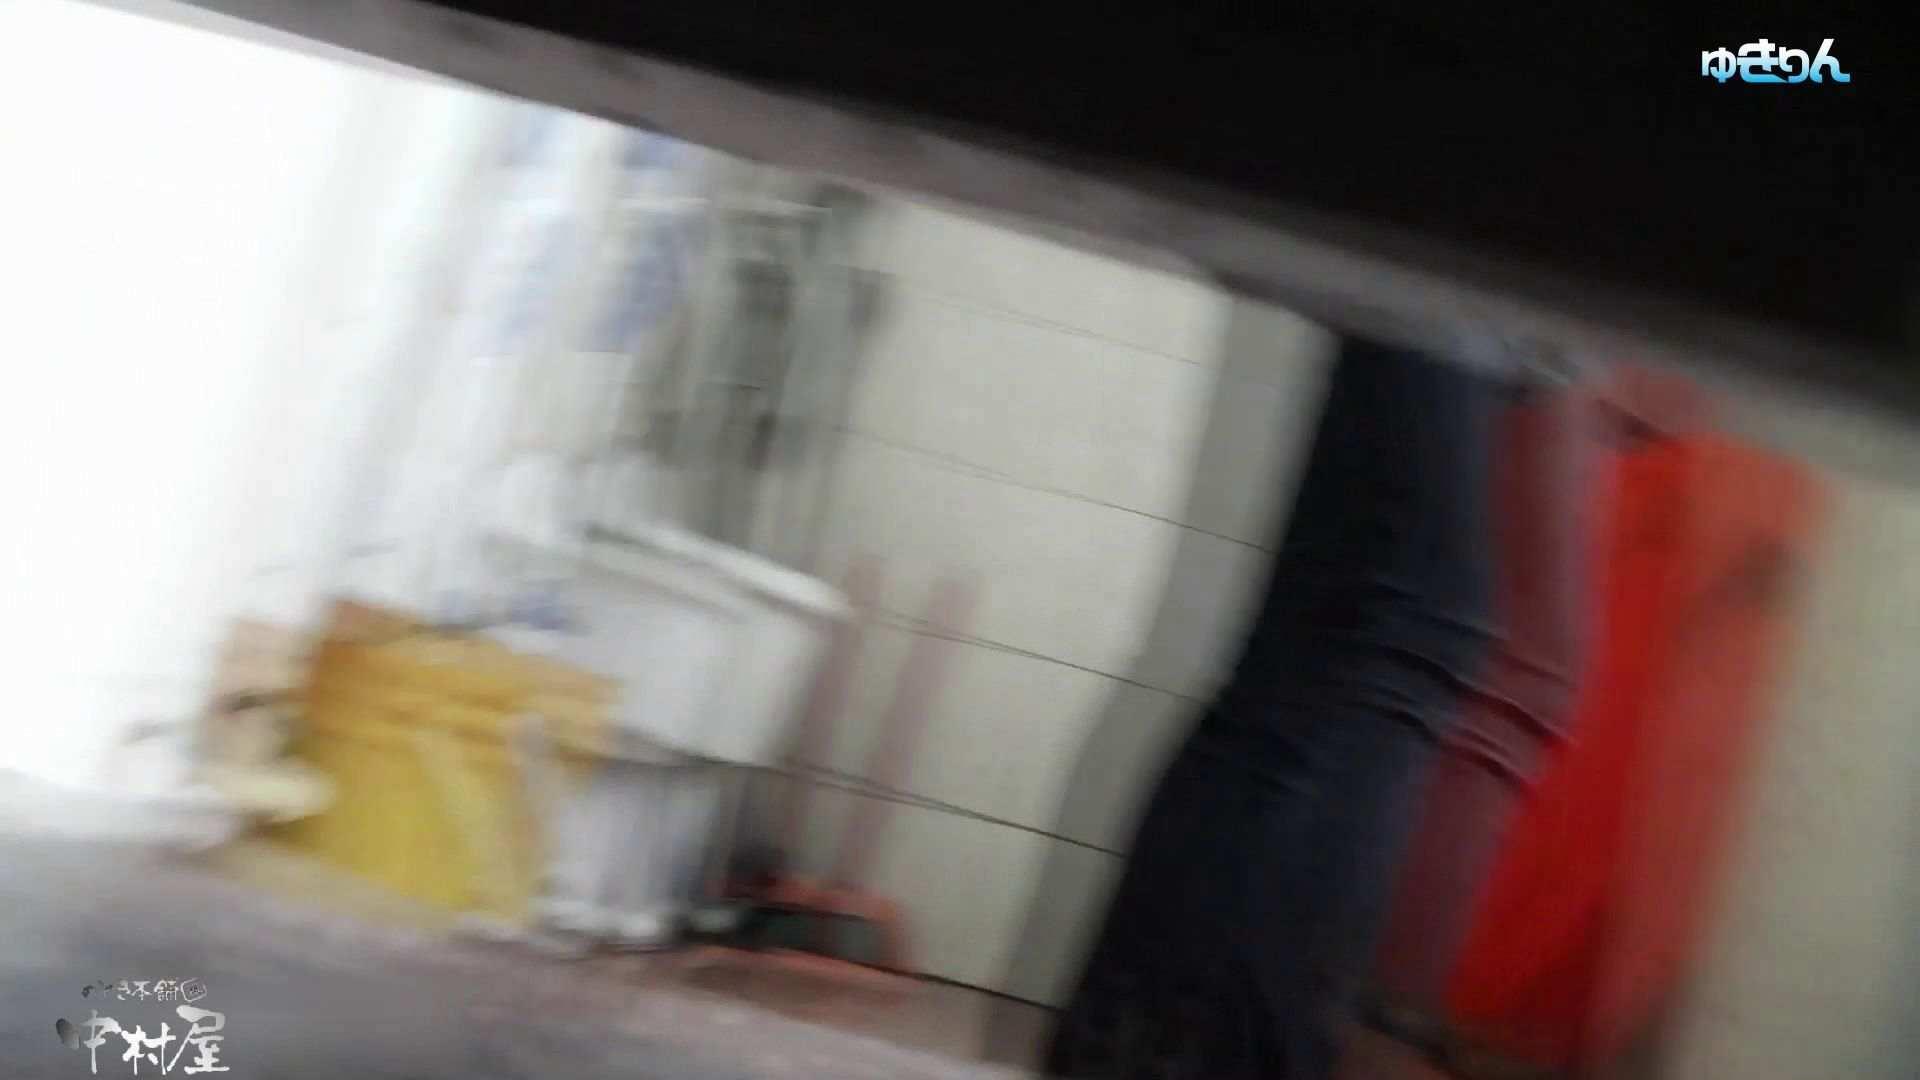 世界の射窓から~ステーション編 vol60 ユキリン粘着撮り!!今回はタイトなパンツが似合う美女 0 | 0  82pic 41